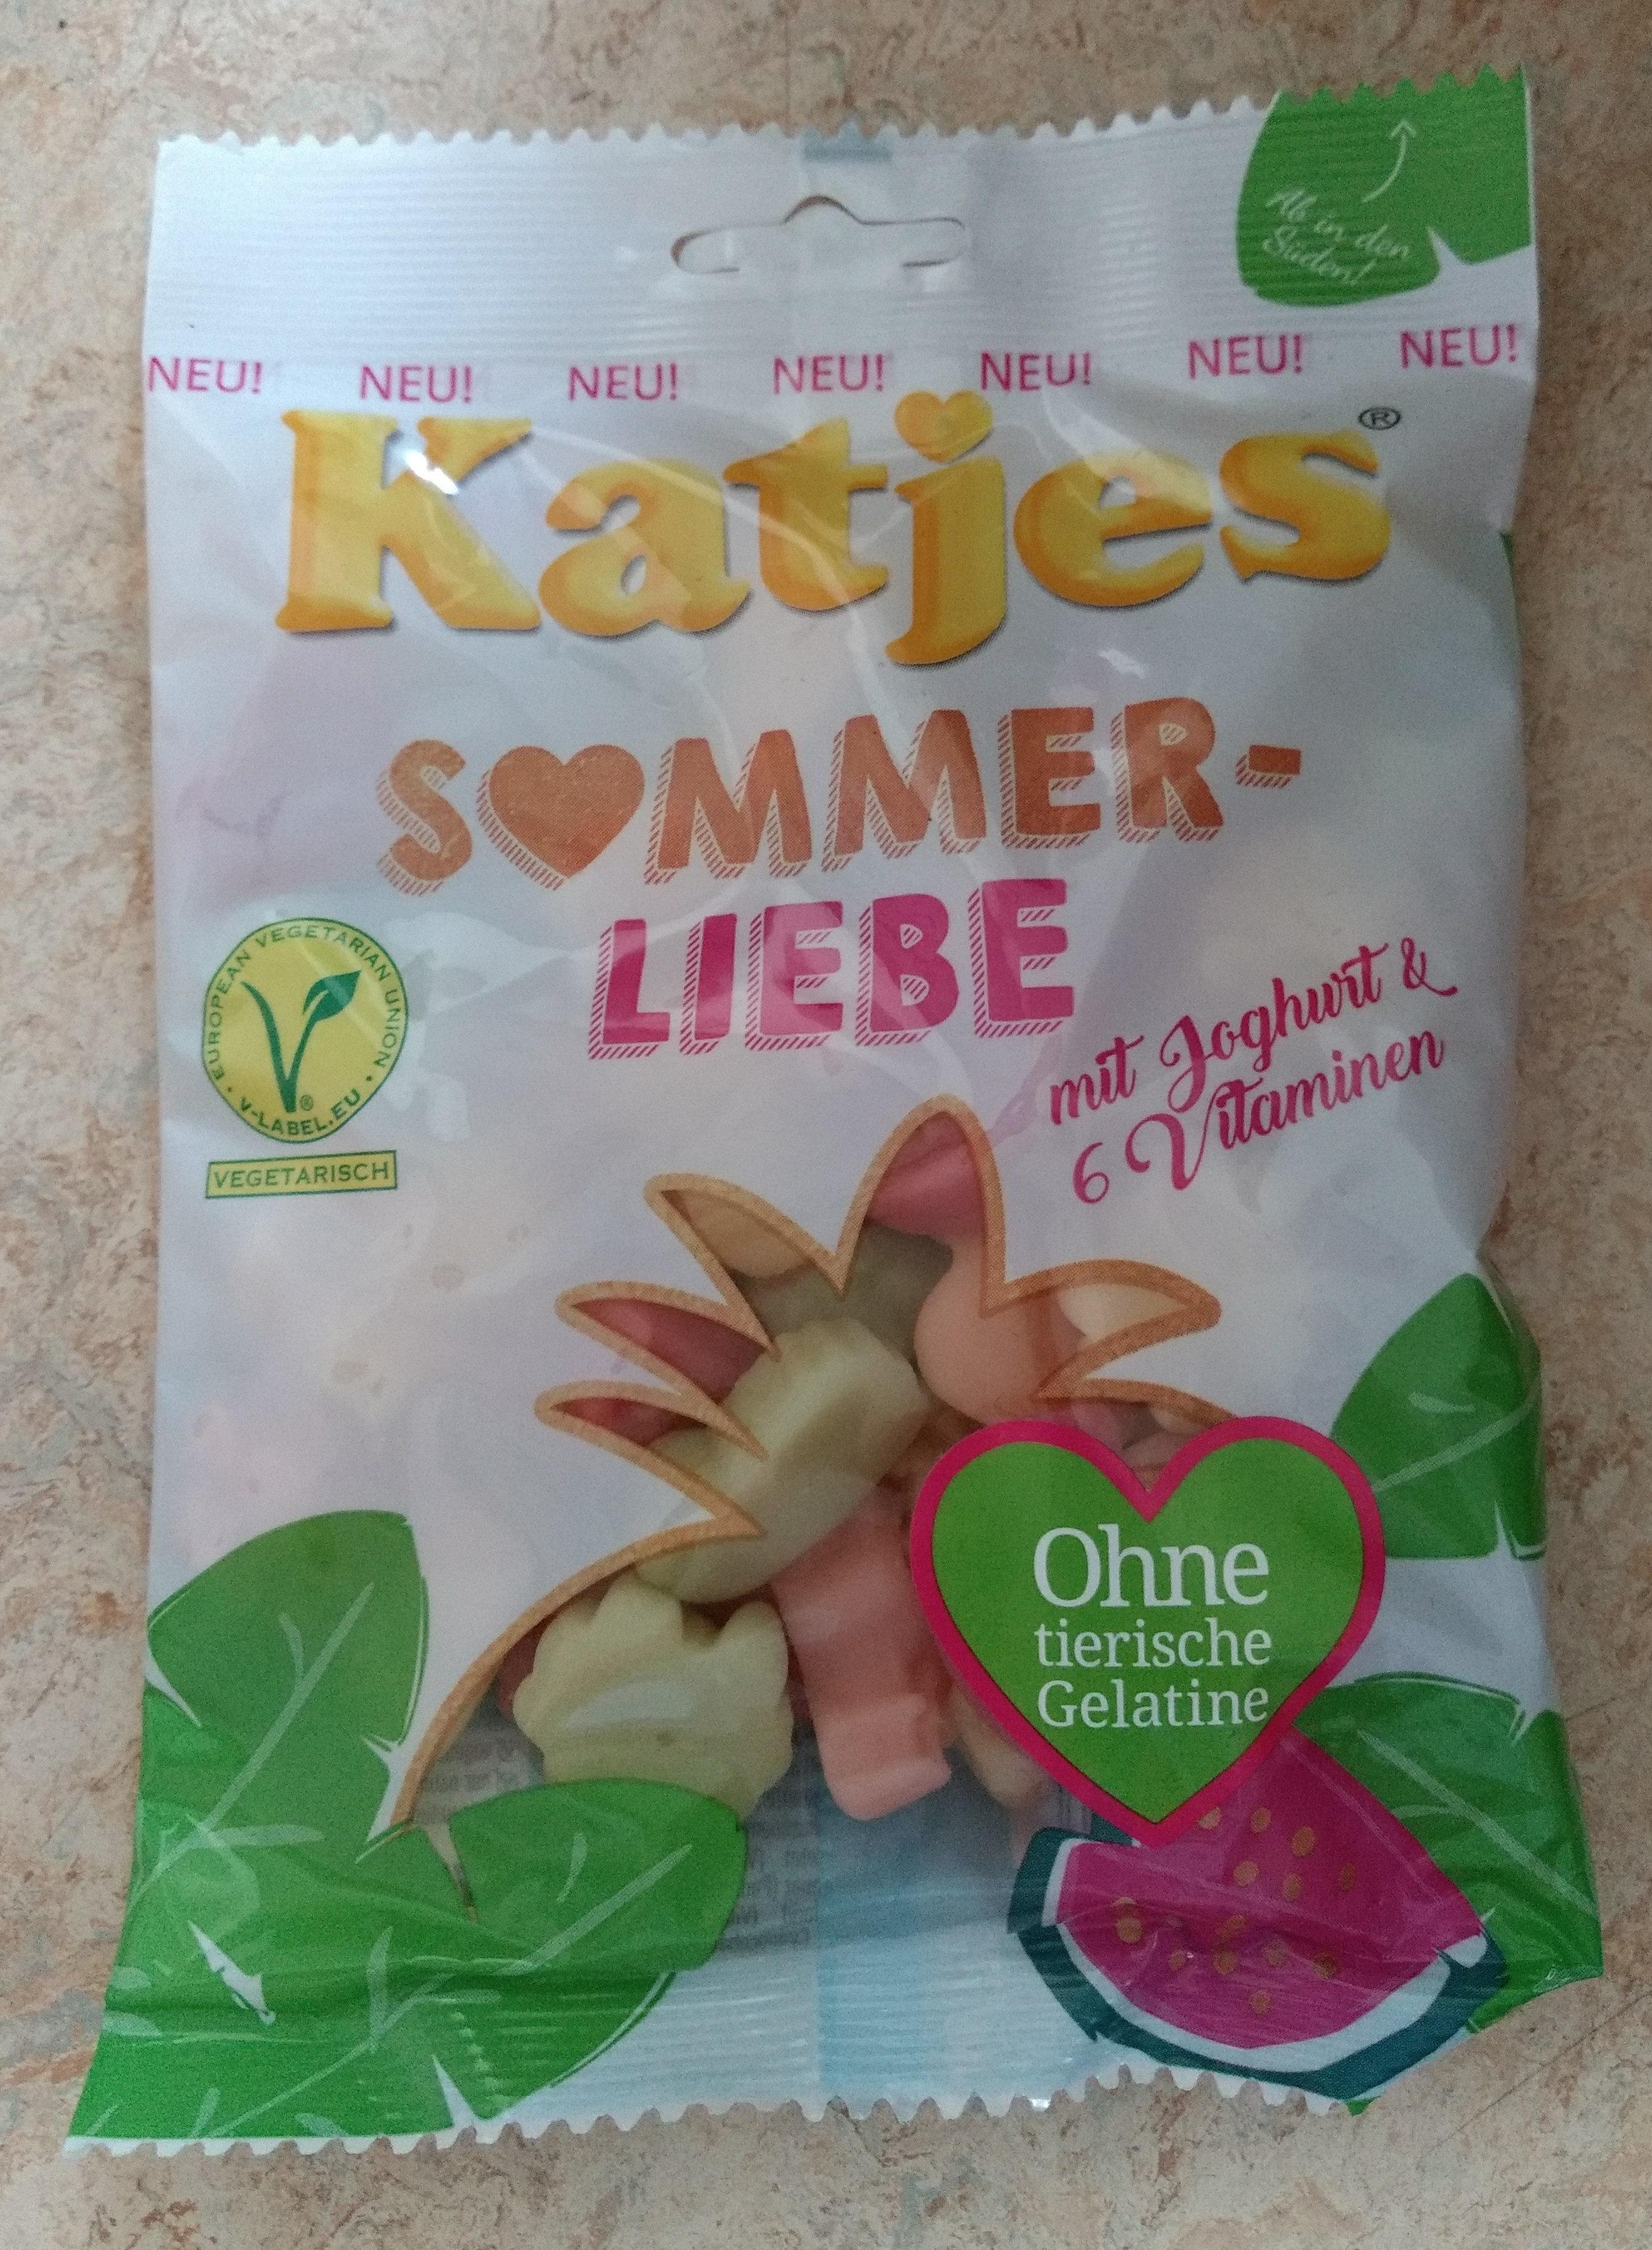 Katjes sommerliebe - Produkt - de